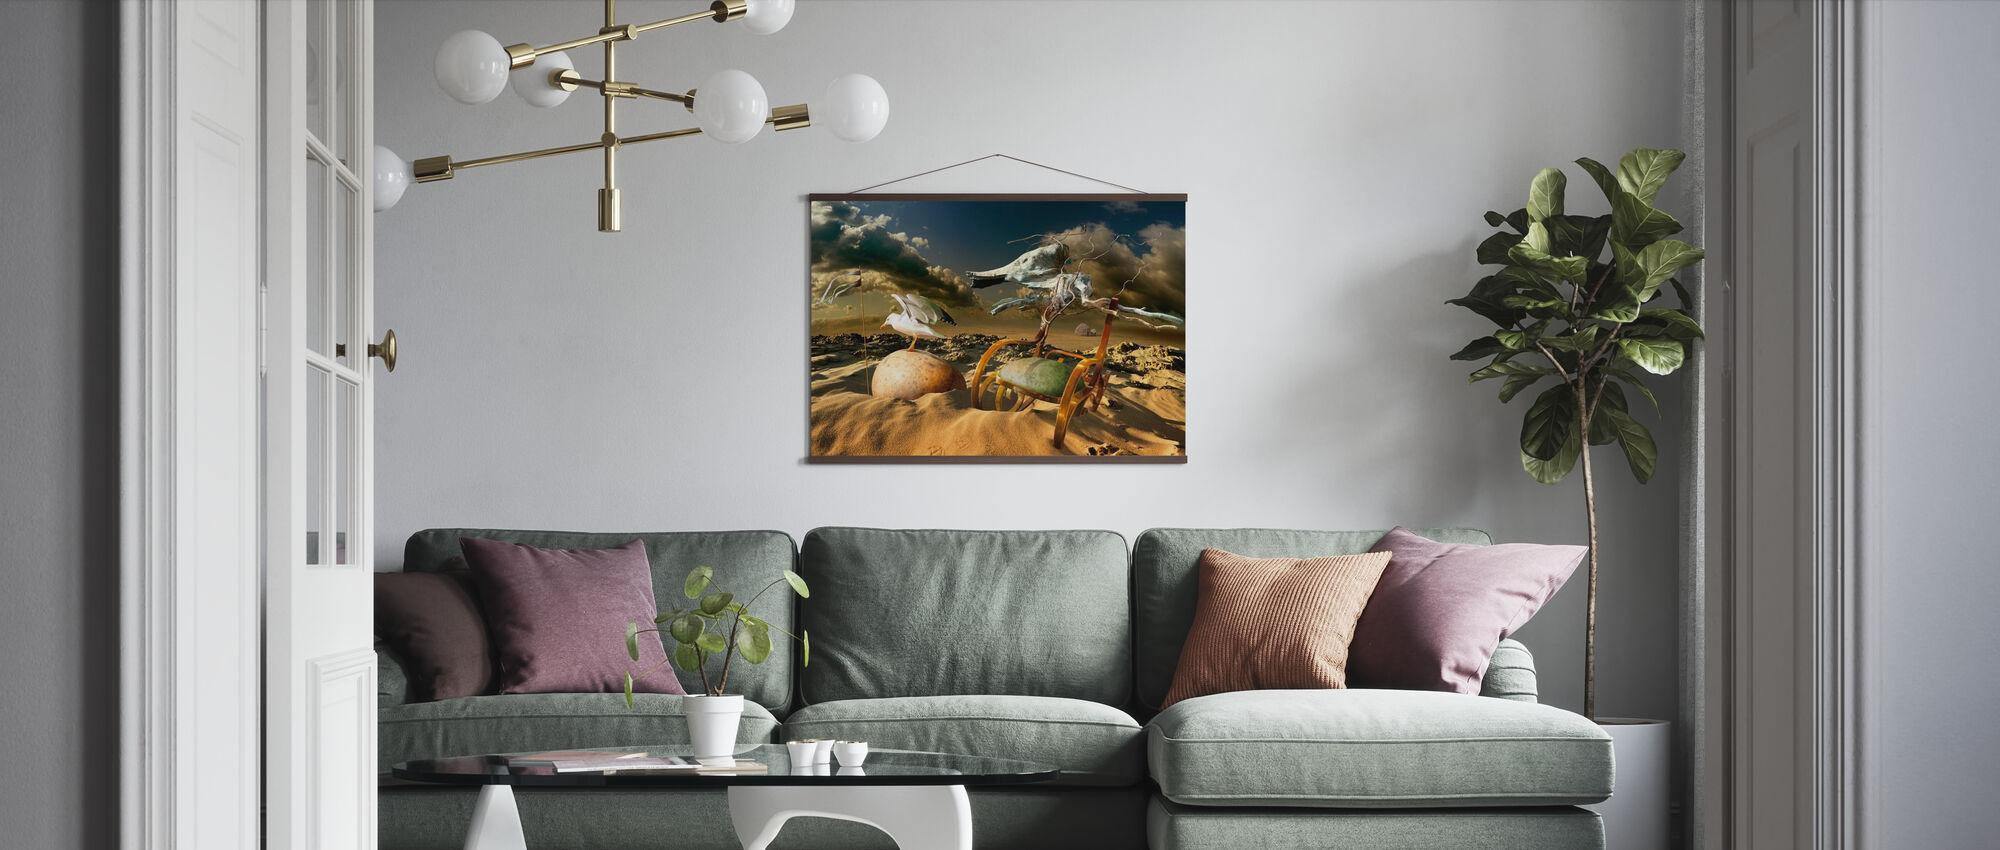 Ørkenliv - Plakat - Stue